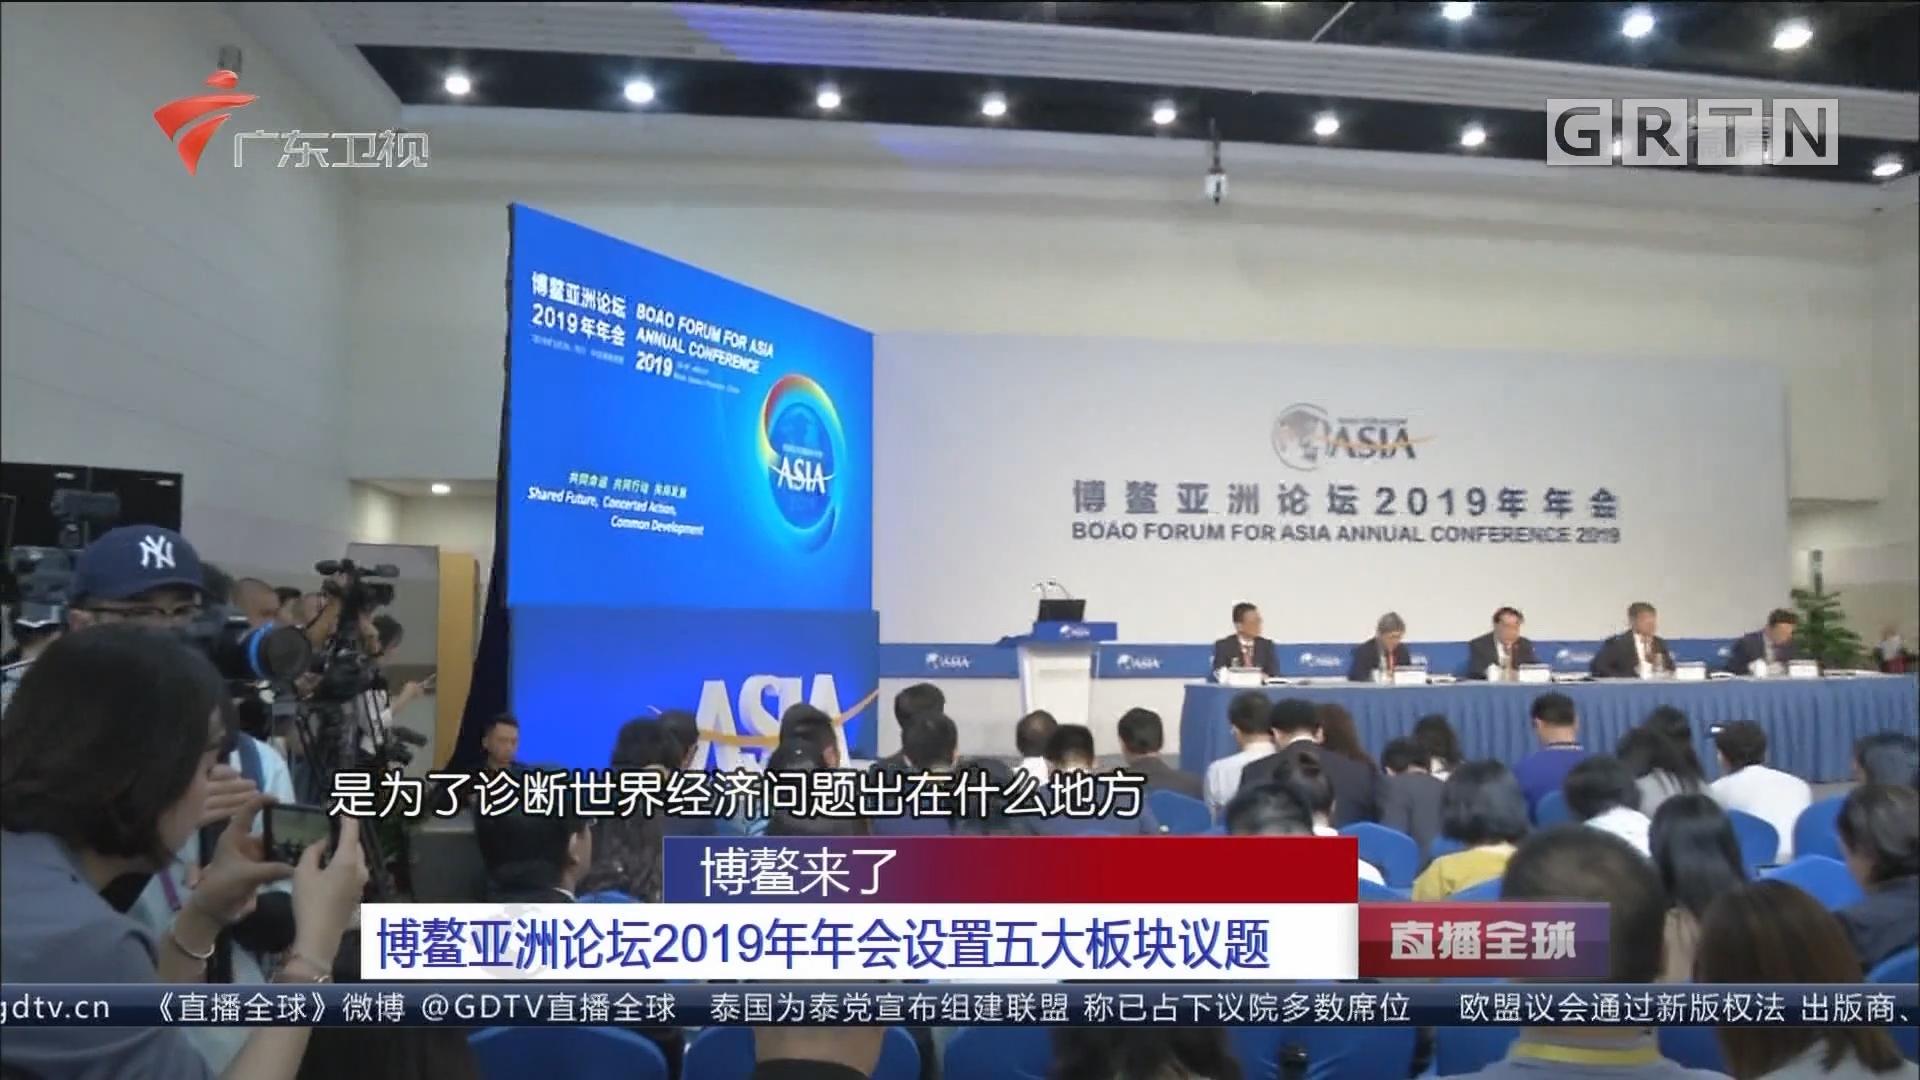 博鳌来了:博鳌亚洲论坛2019年年会设置五大板块议题